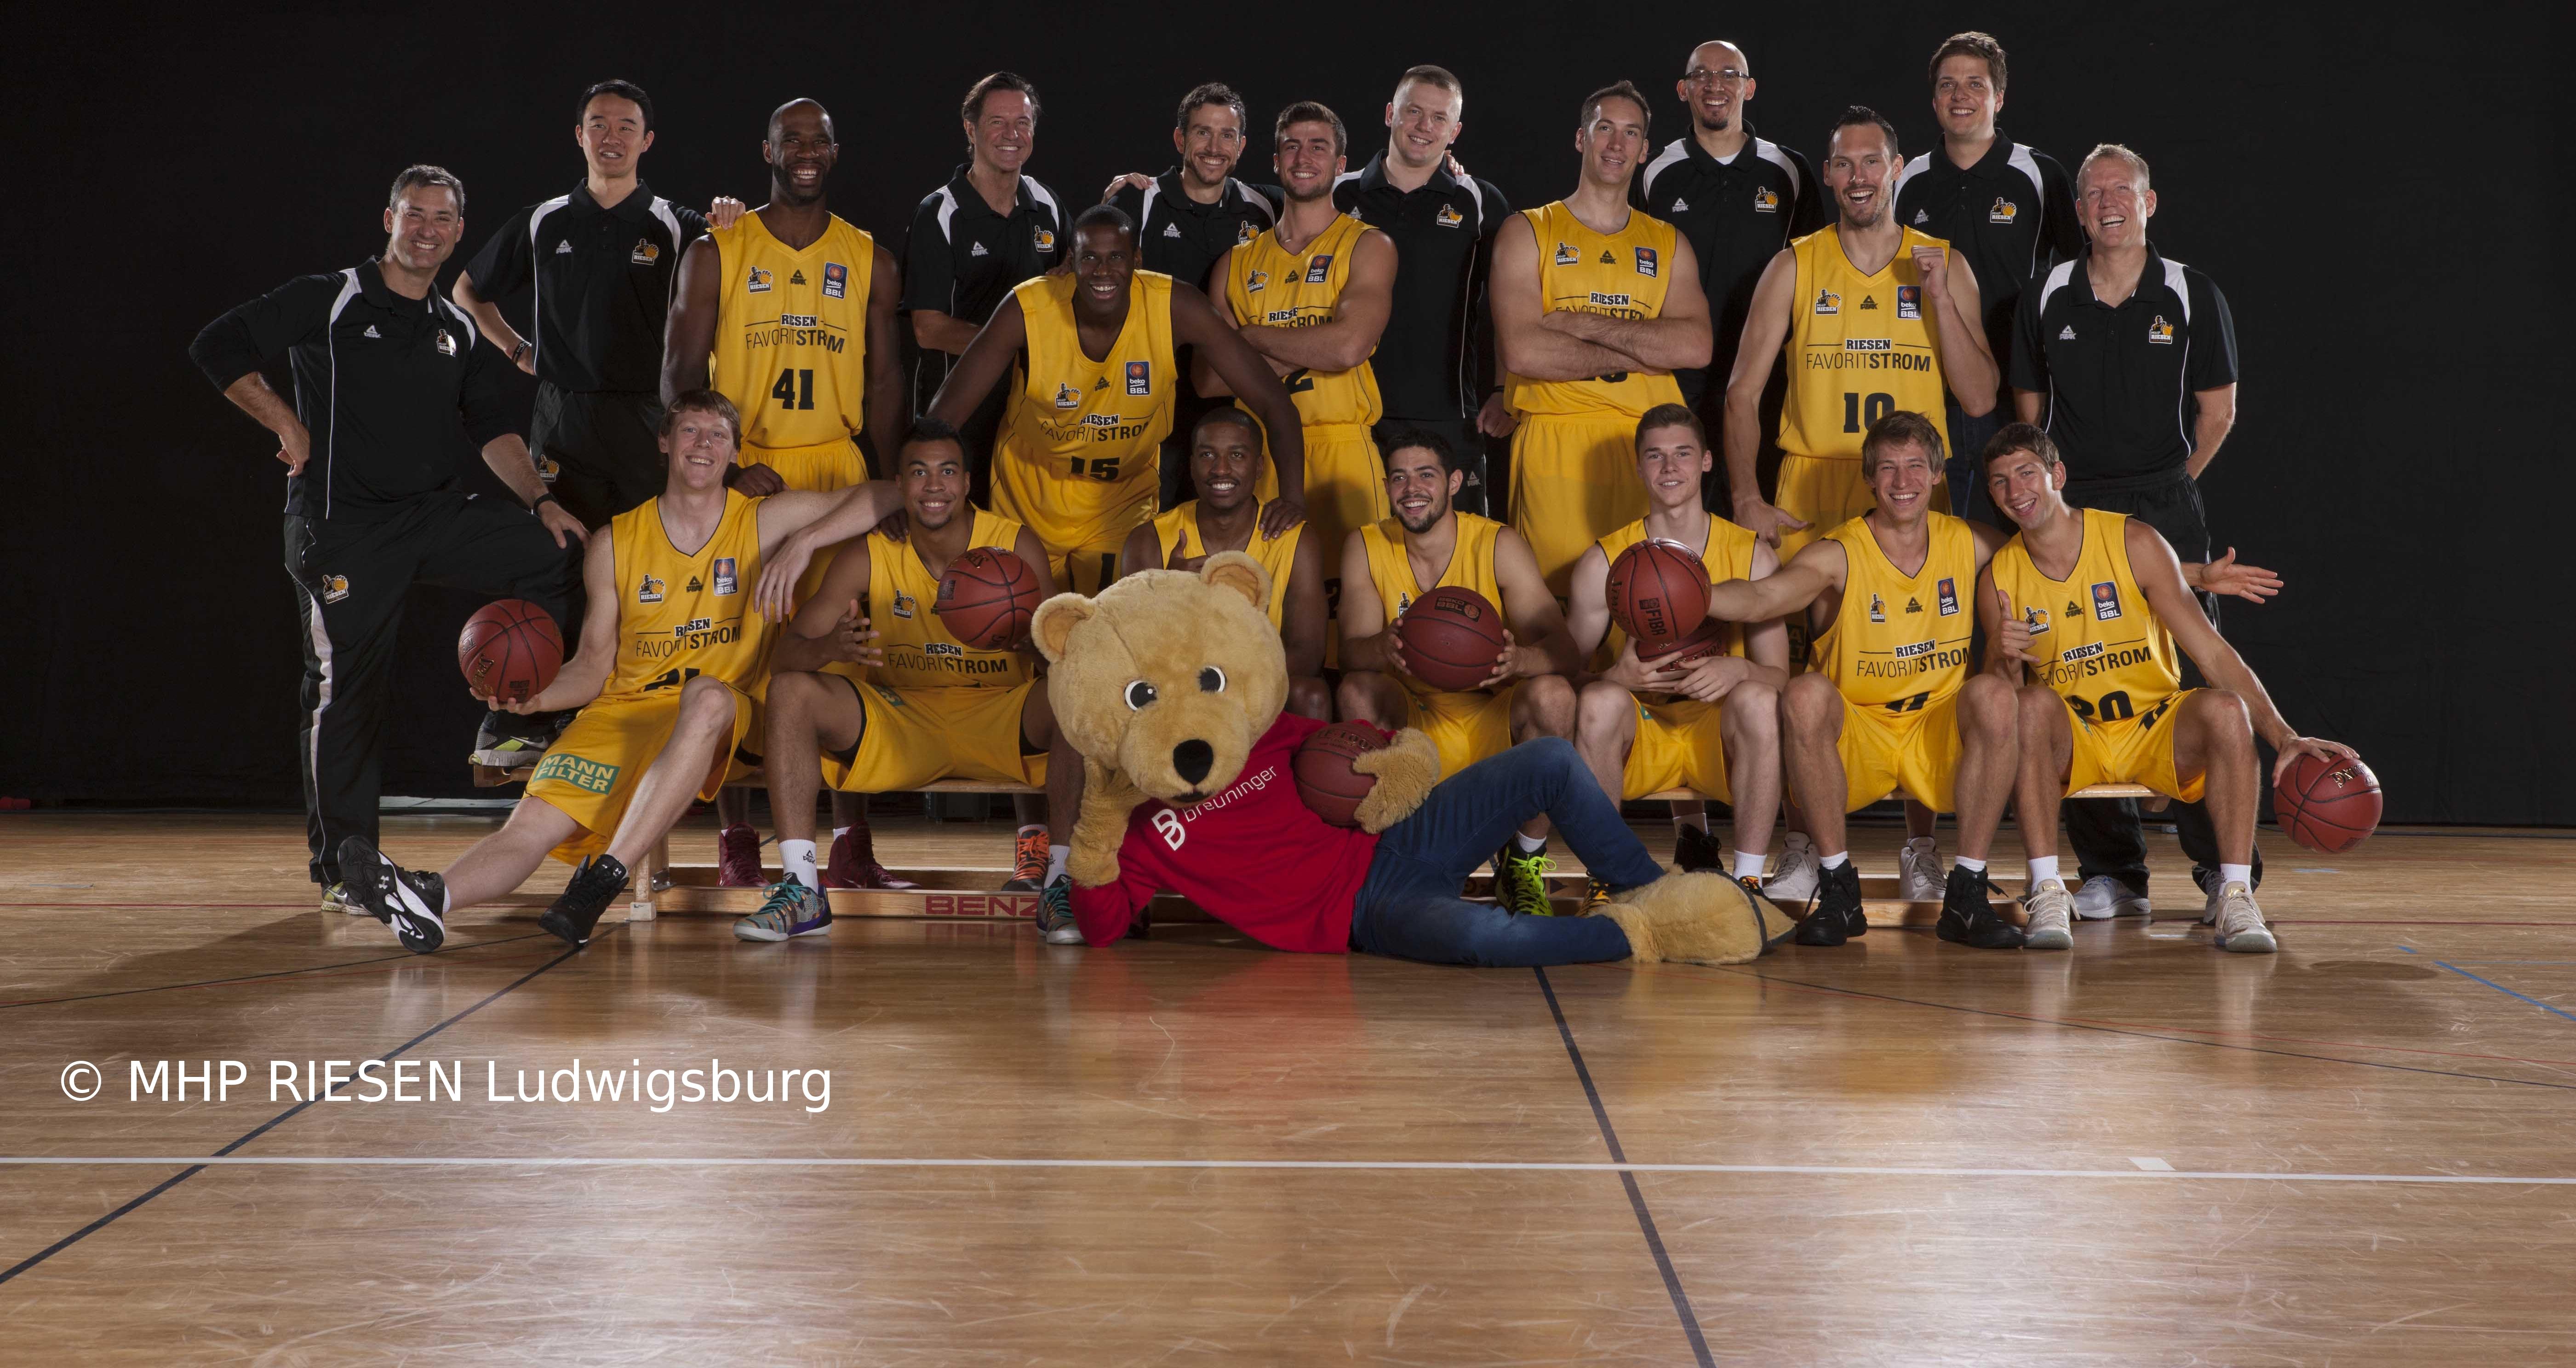 Neuer Sponsor für die MHP Riesen Ludwigsburg